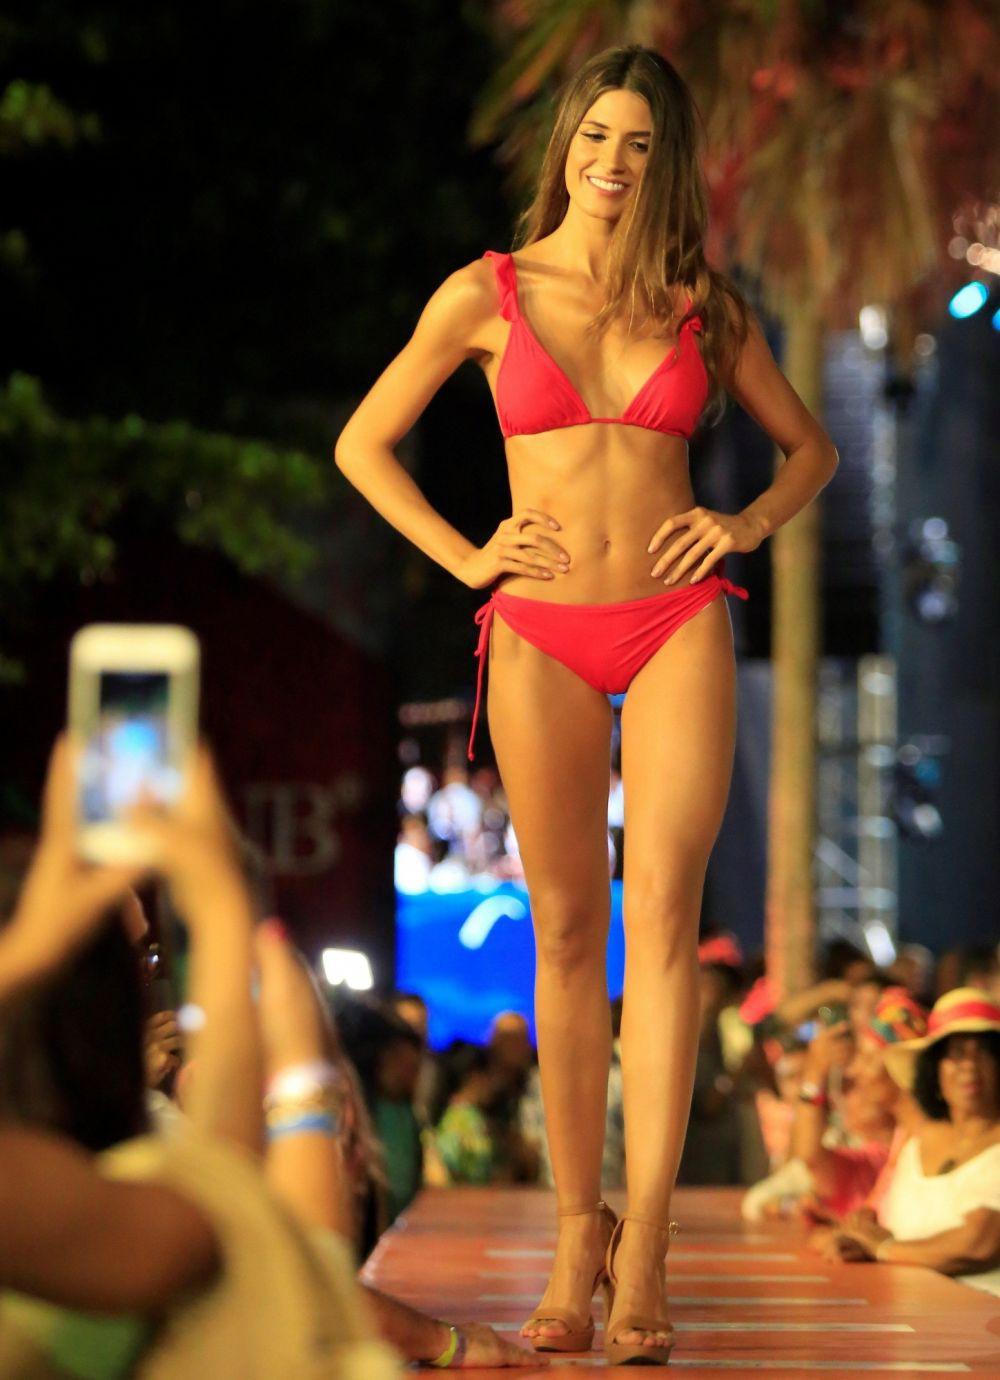 Đối thủ Hoàng Thùy tại Miss Universe 2019: Từ cơ bụng 6 múi đến thành tích cực khủng đủ sức nuốt chửng bất cứ người đẹp nào!-12